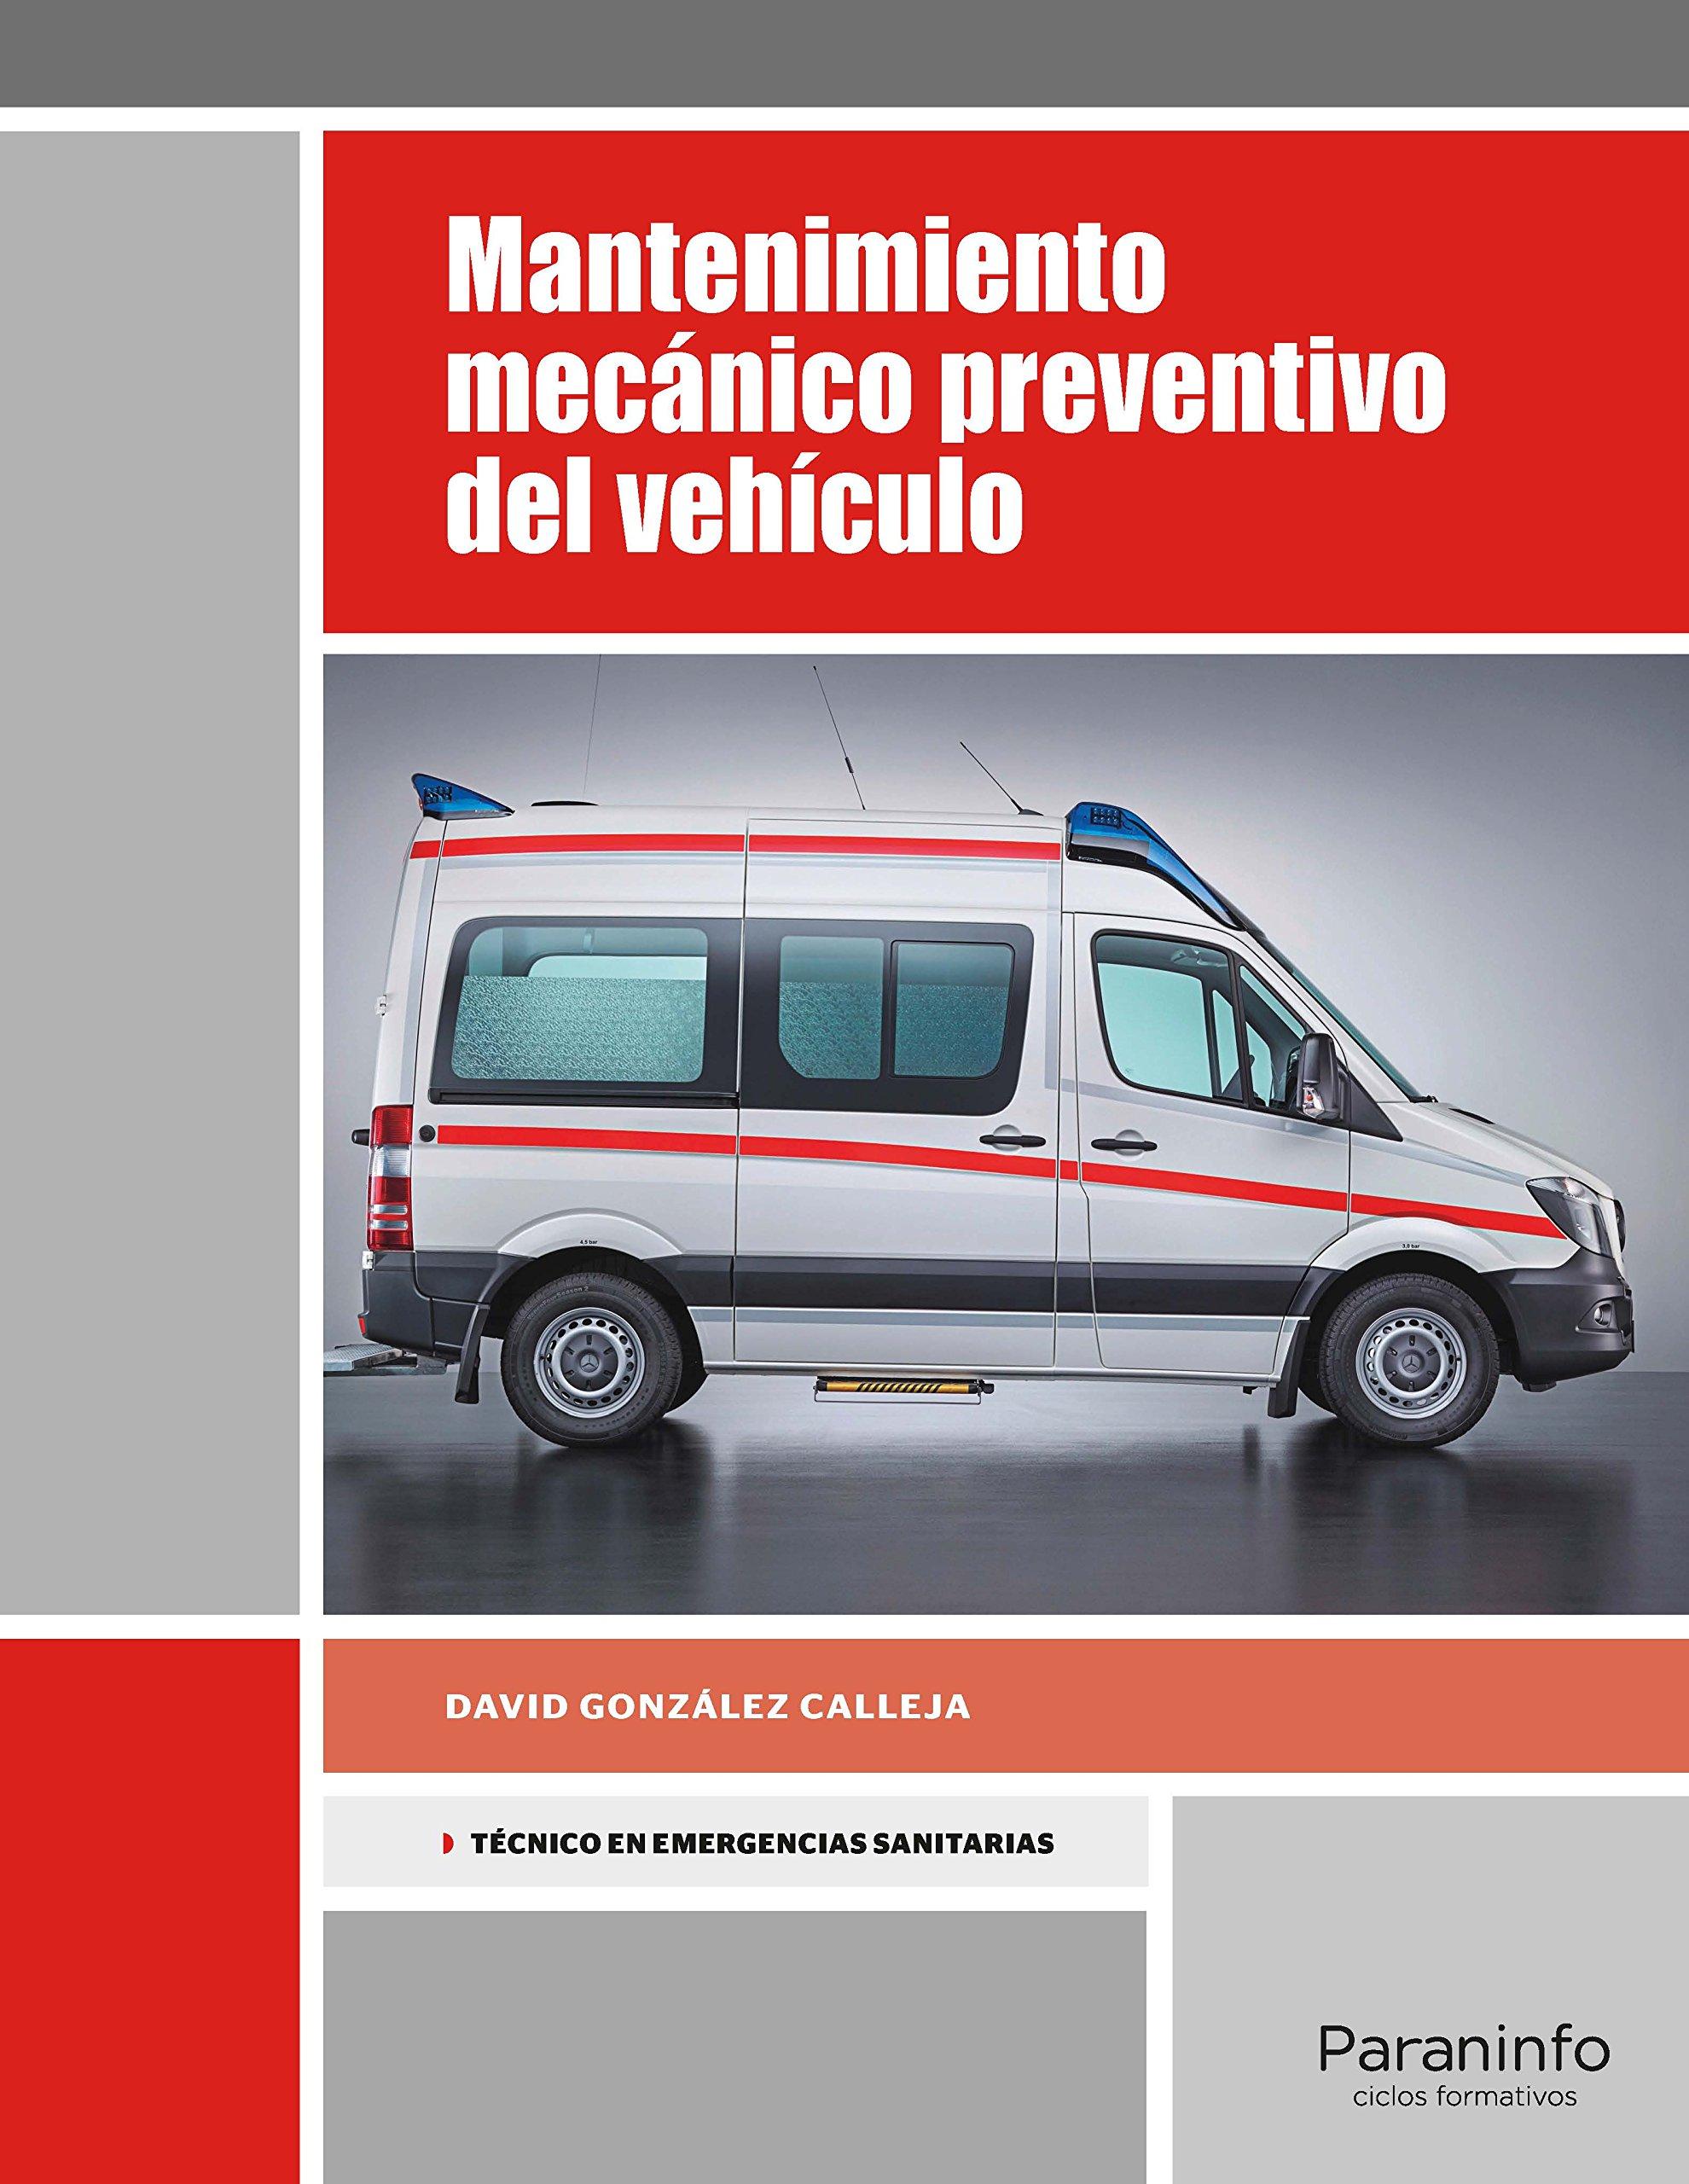 Mantenimiento mecánico preventivo del vehículo: Amazon.es: GONZÁLEZ CALLEJA, DAVID: Libros